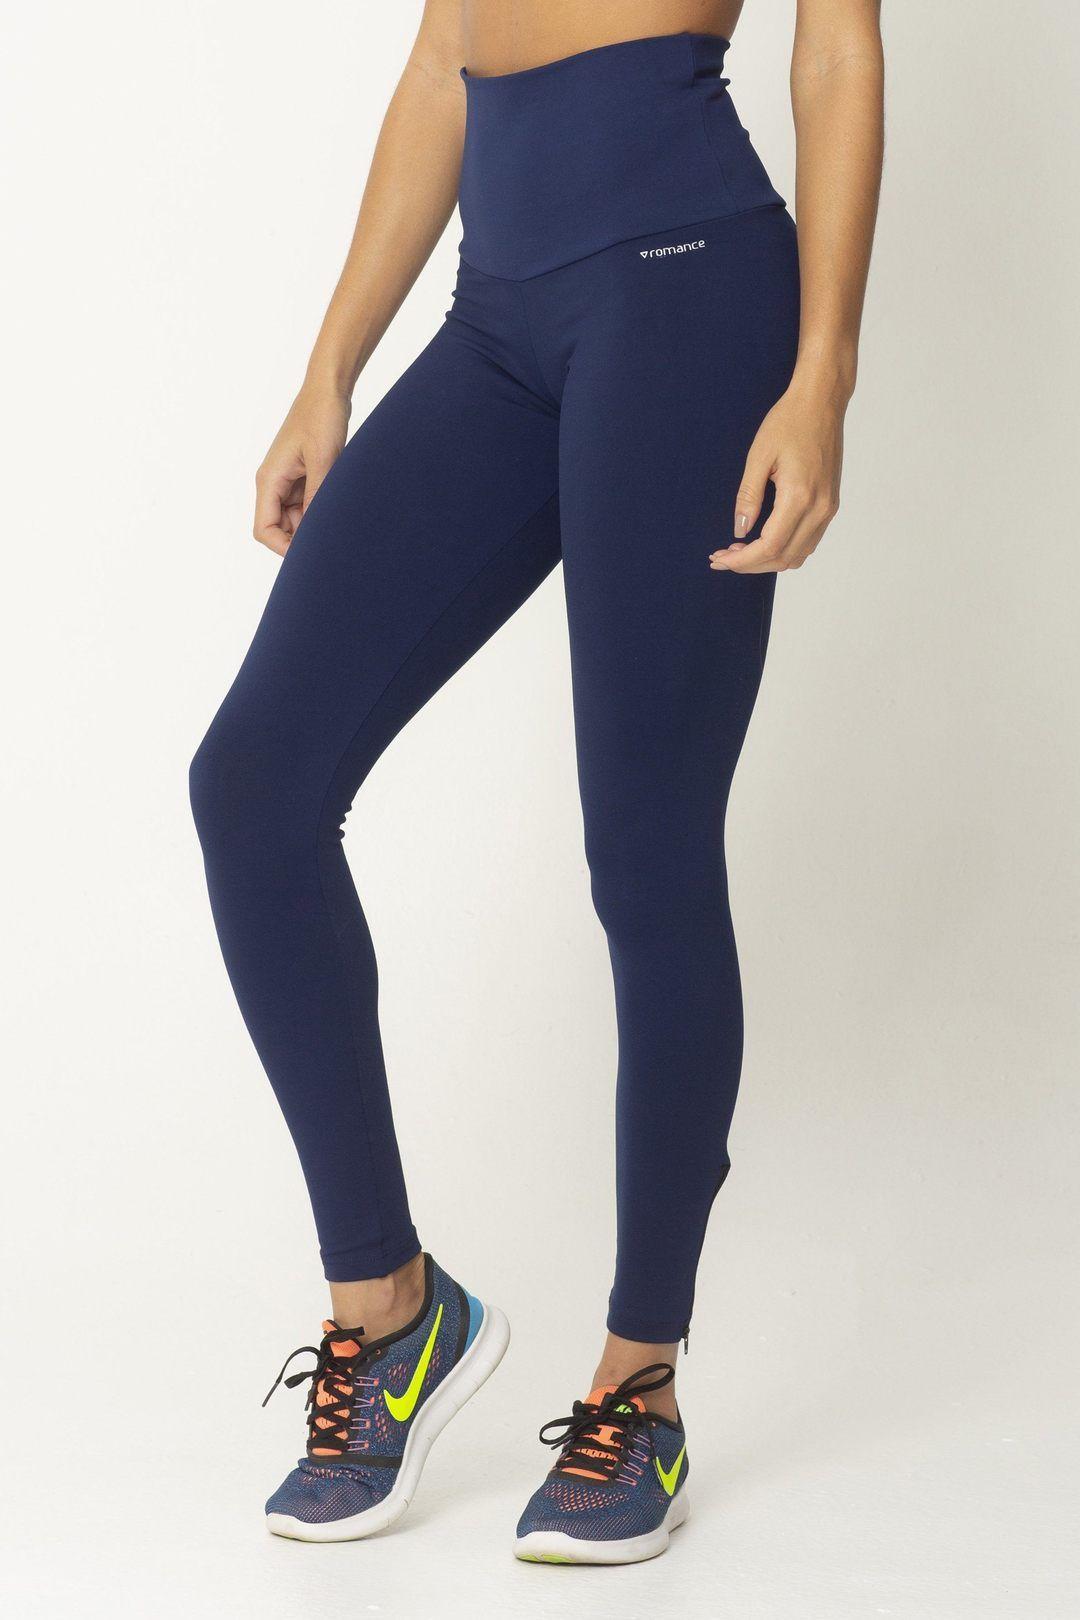 Navy Zip Up Detox High Up Legging Tops for leggings